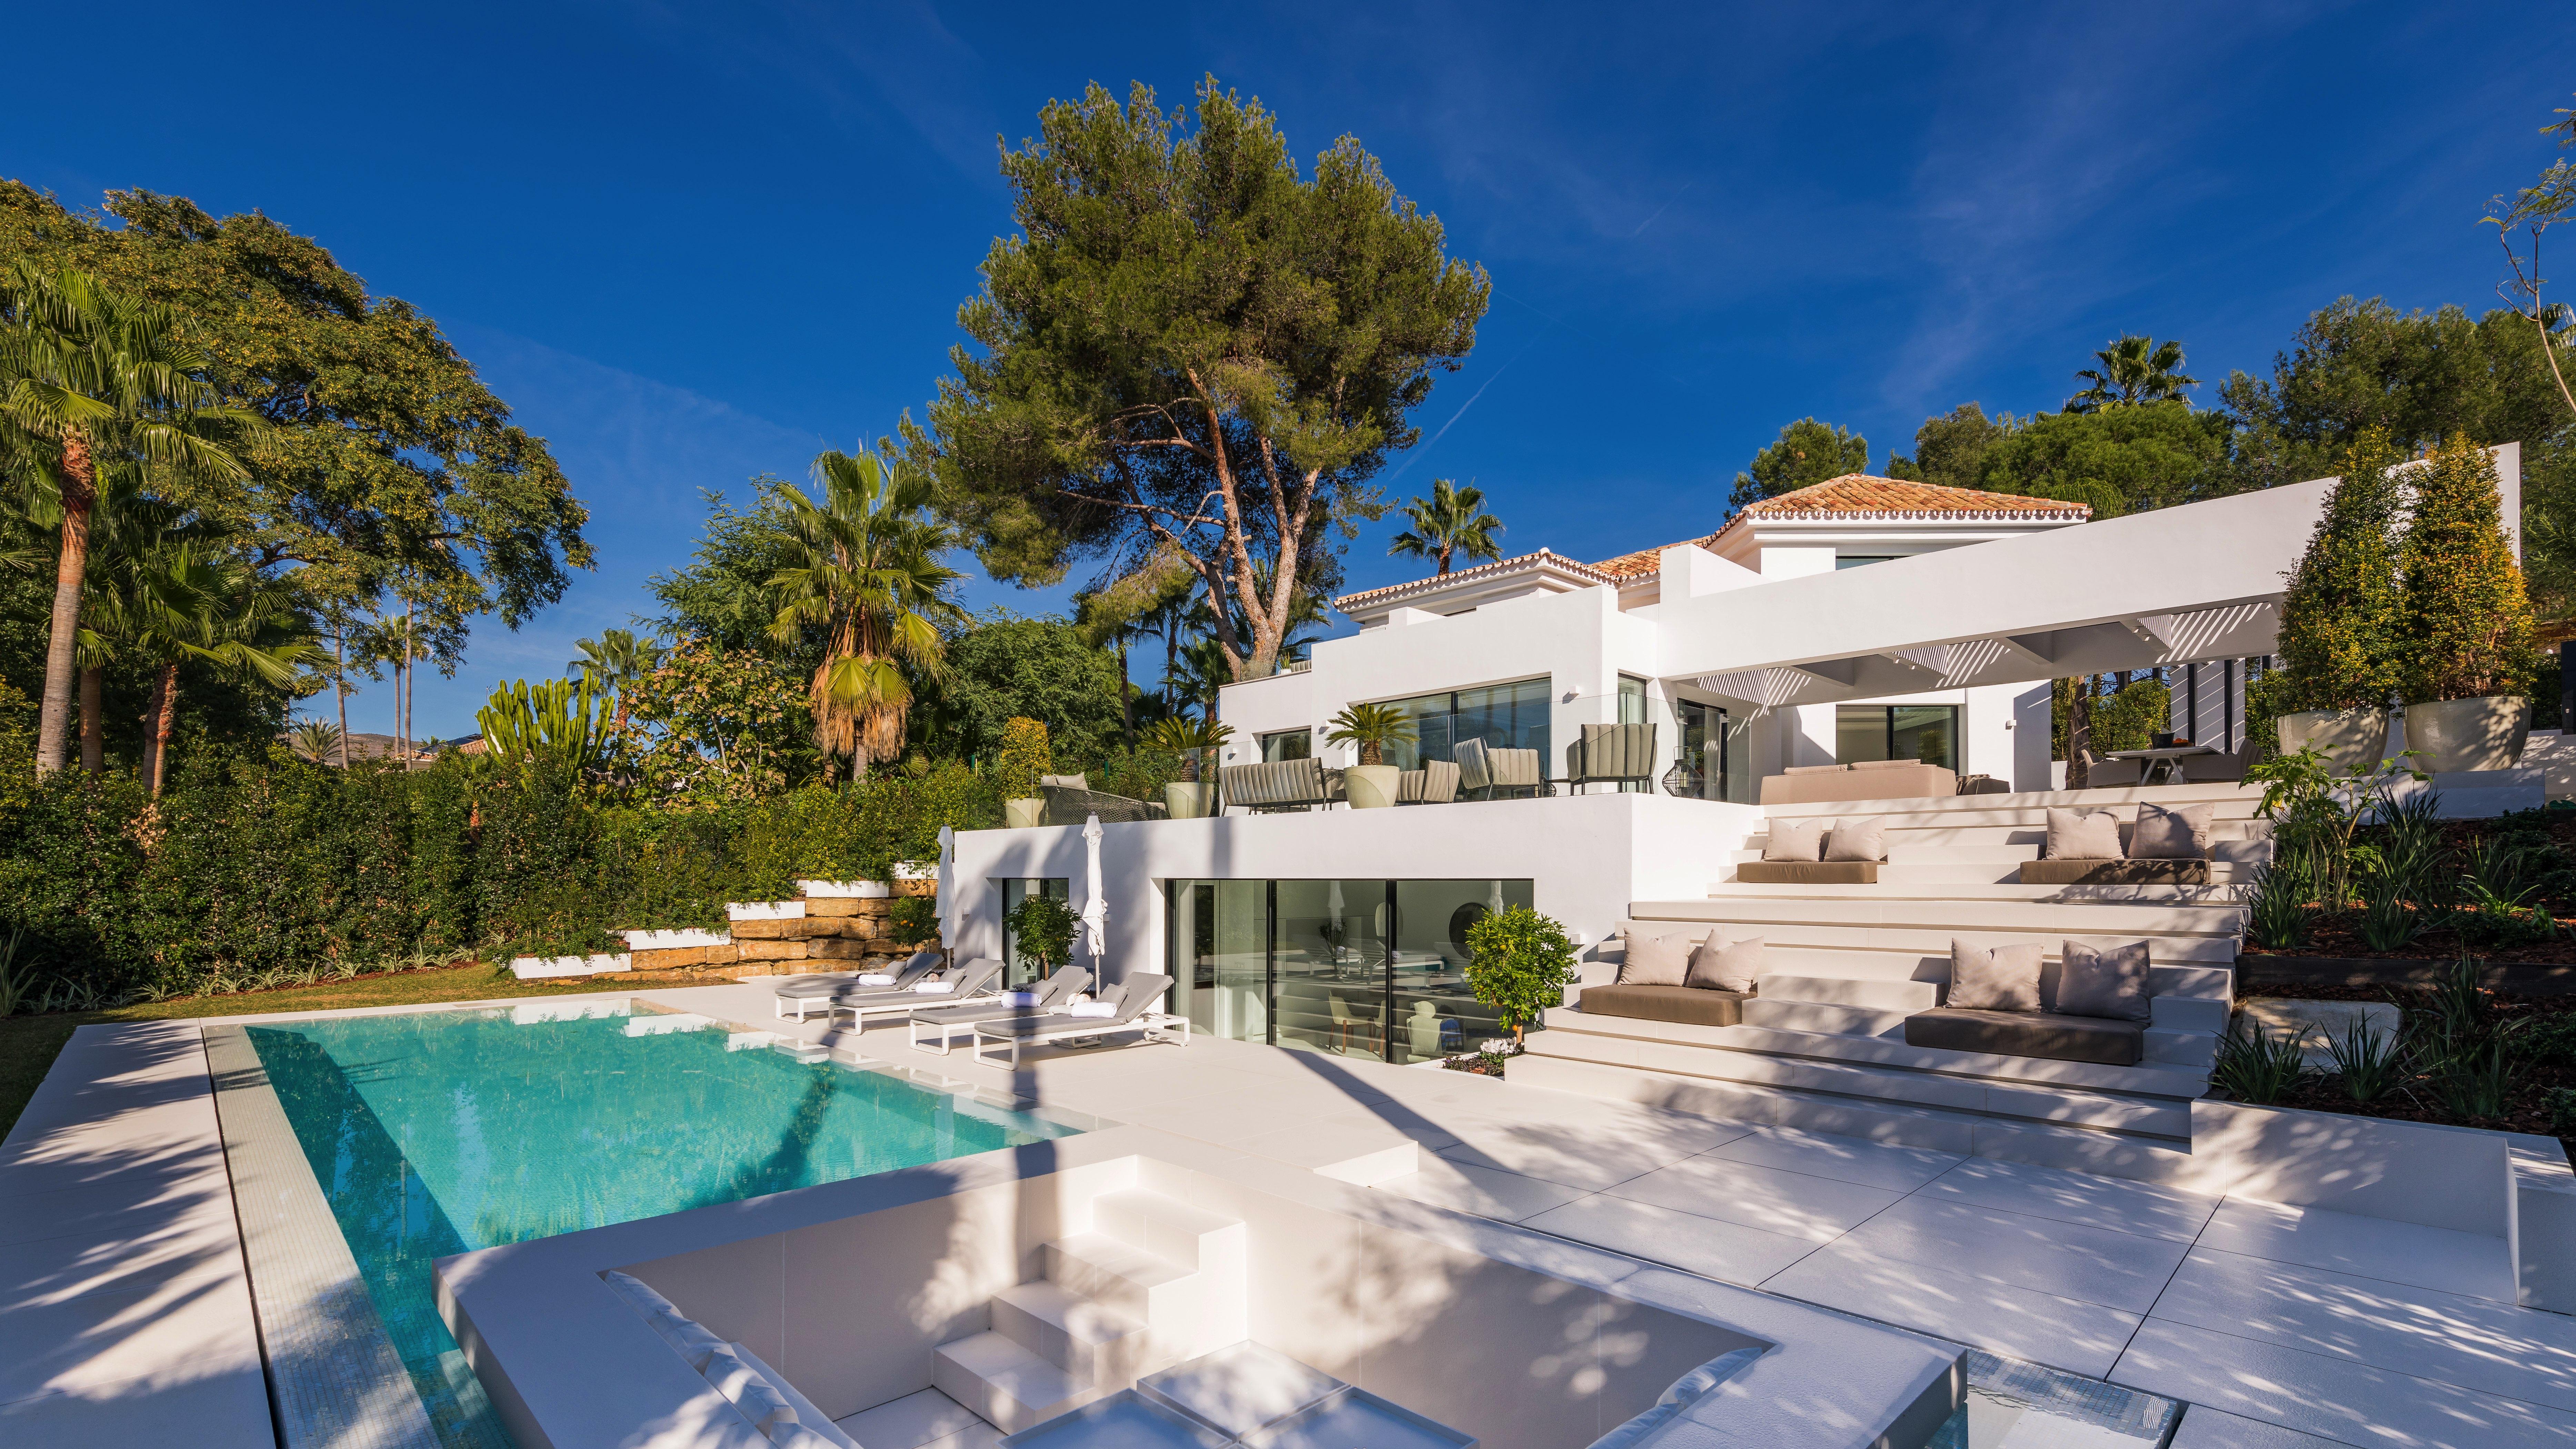 Ref:359-00117P Villa For Sale in Marbella